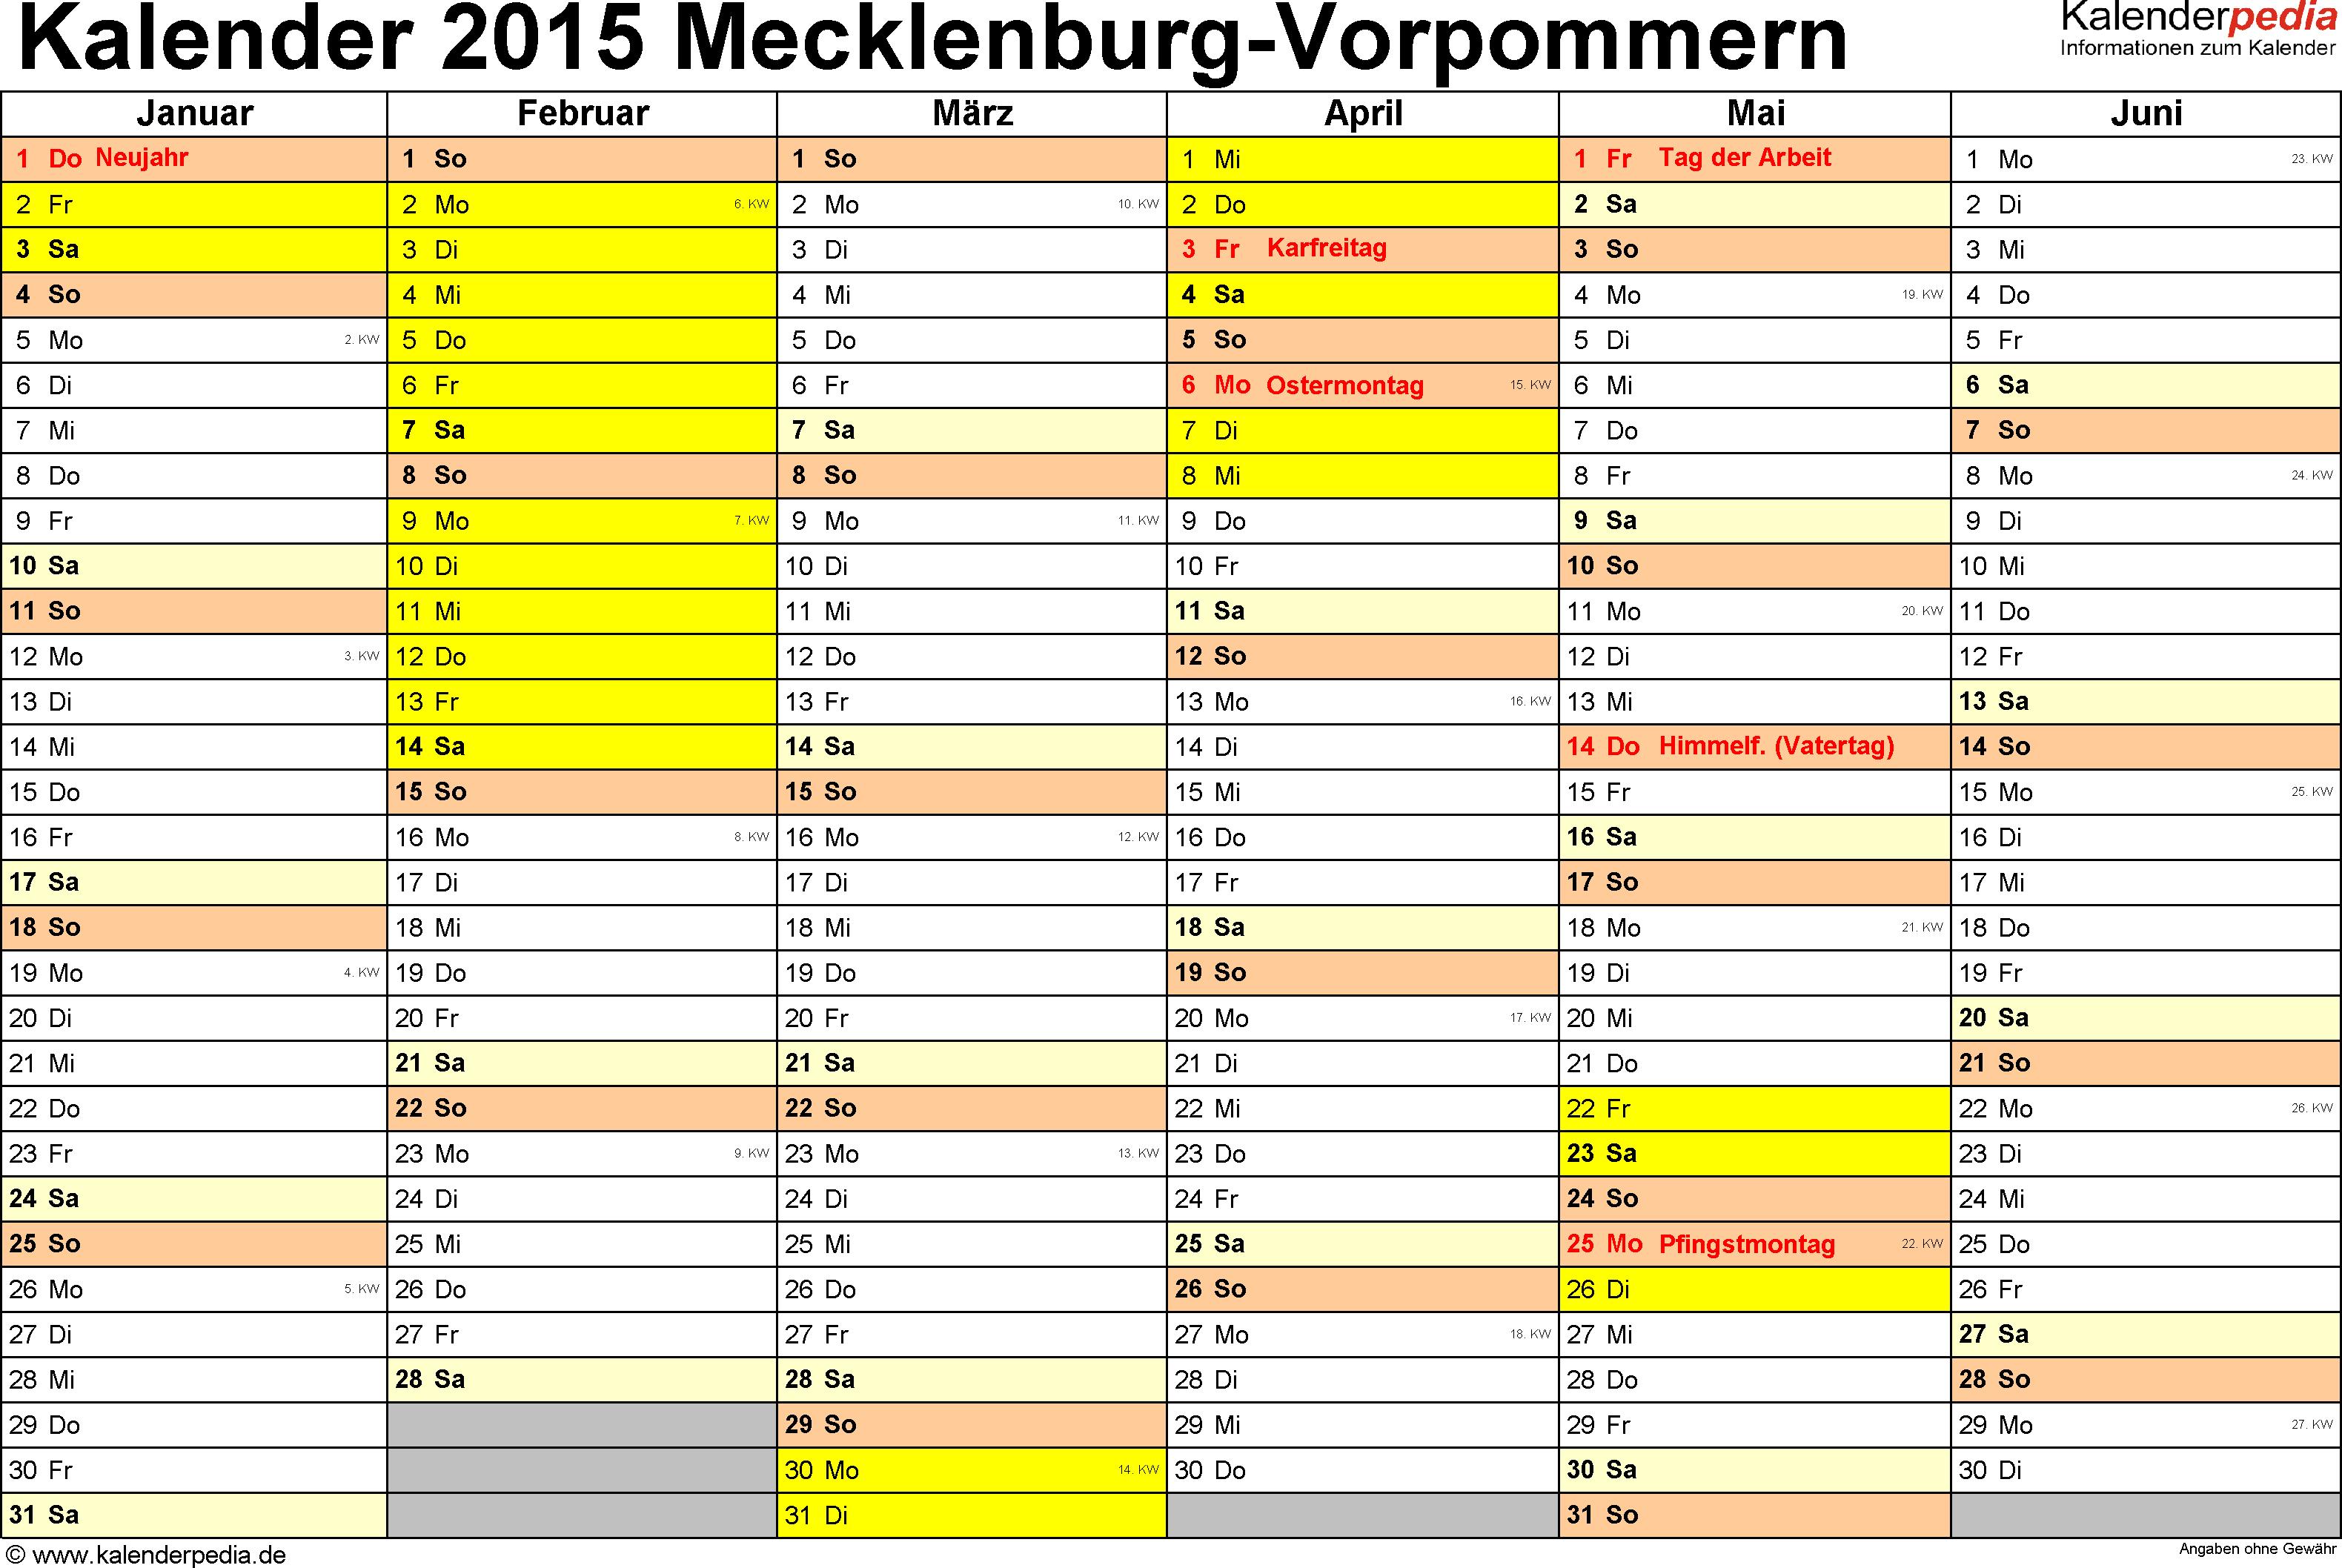 Vorlage 3: Kalender 2015 für Mecklenburg-Vorpommern als PDF-Vorlagen (Querformat, 2 Seiten)